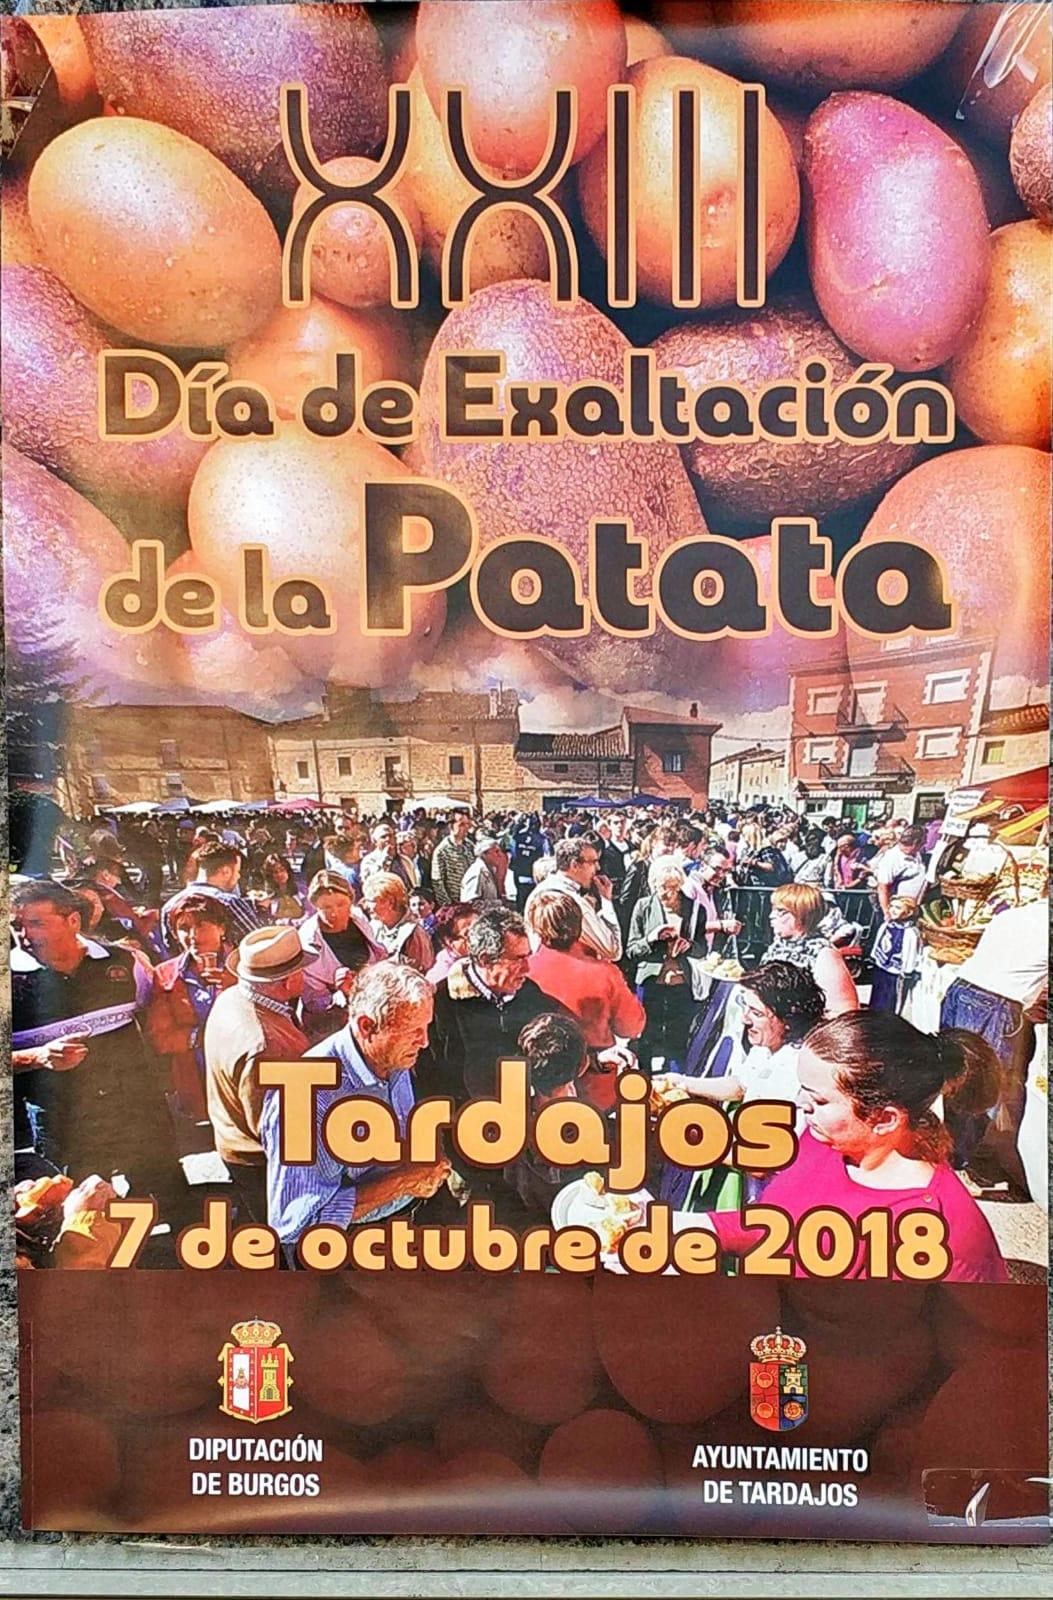 Cartel de la XXIII fiesta de exaltación de la patata en Tardajos